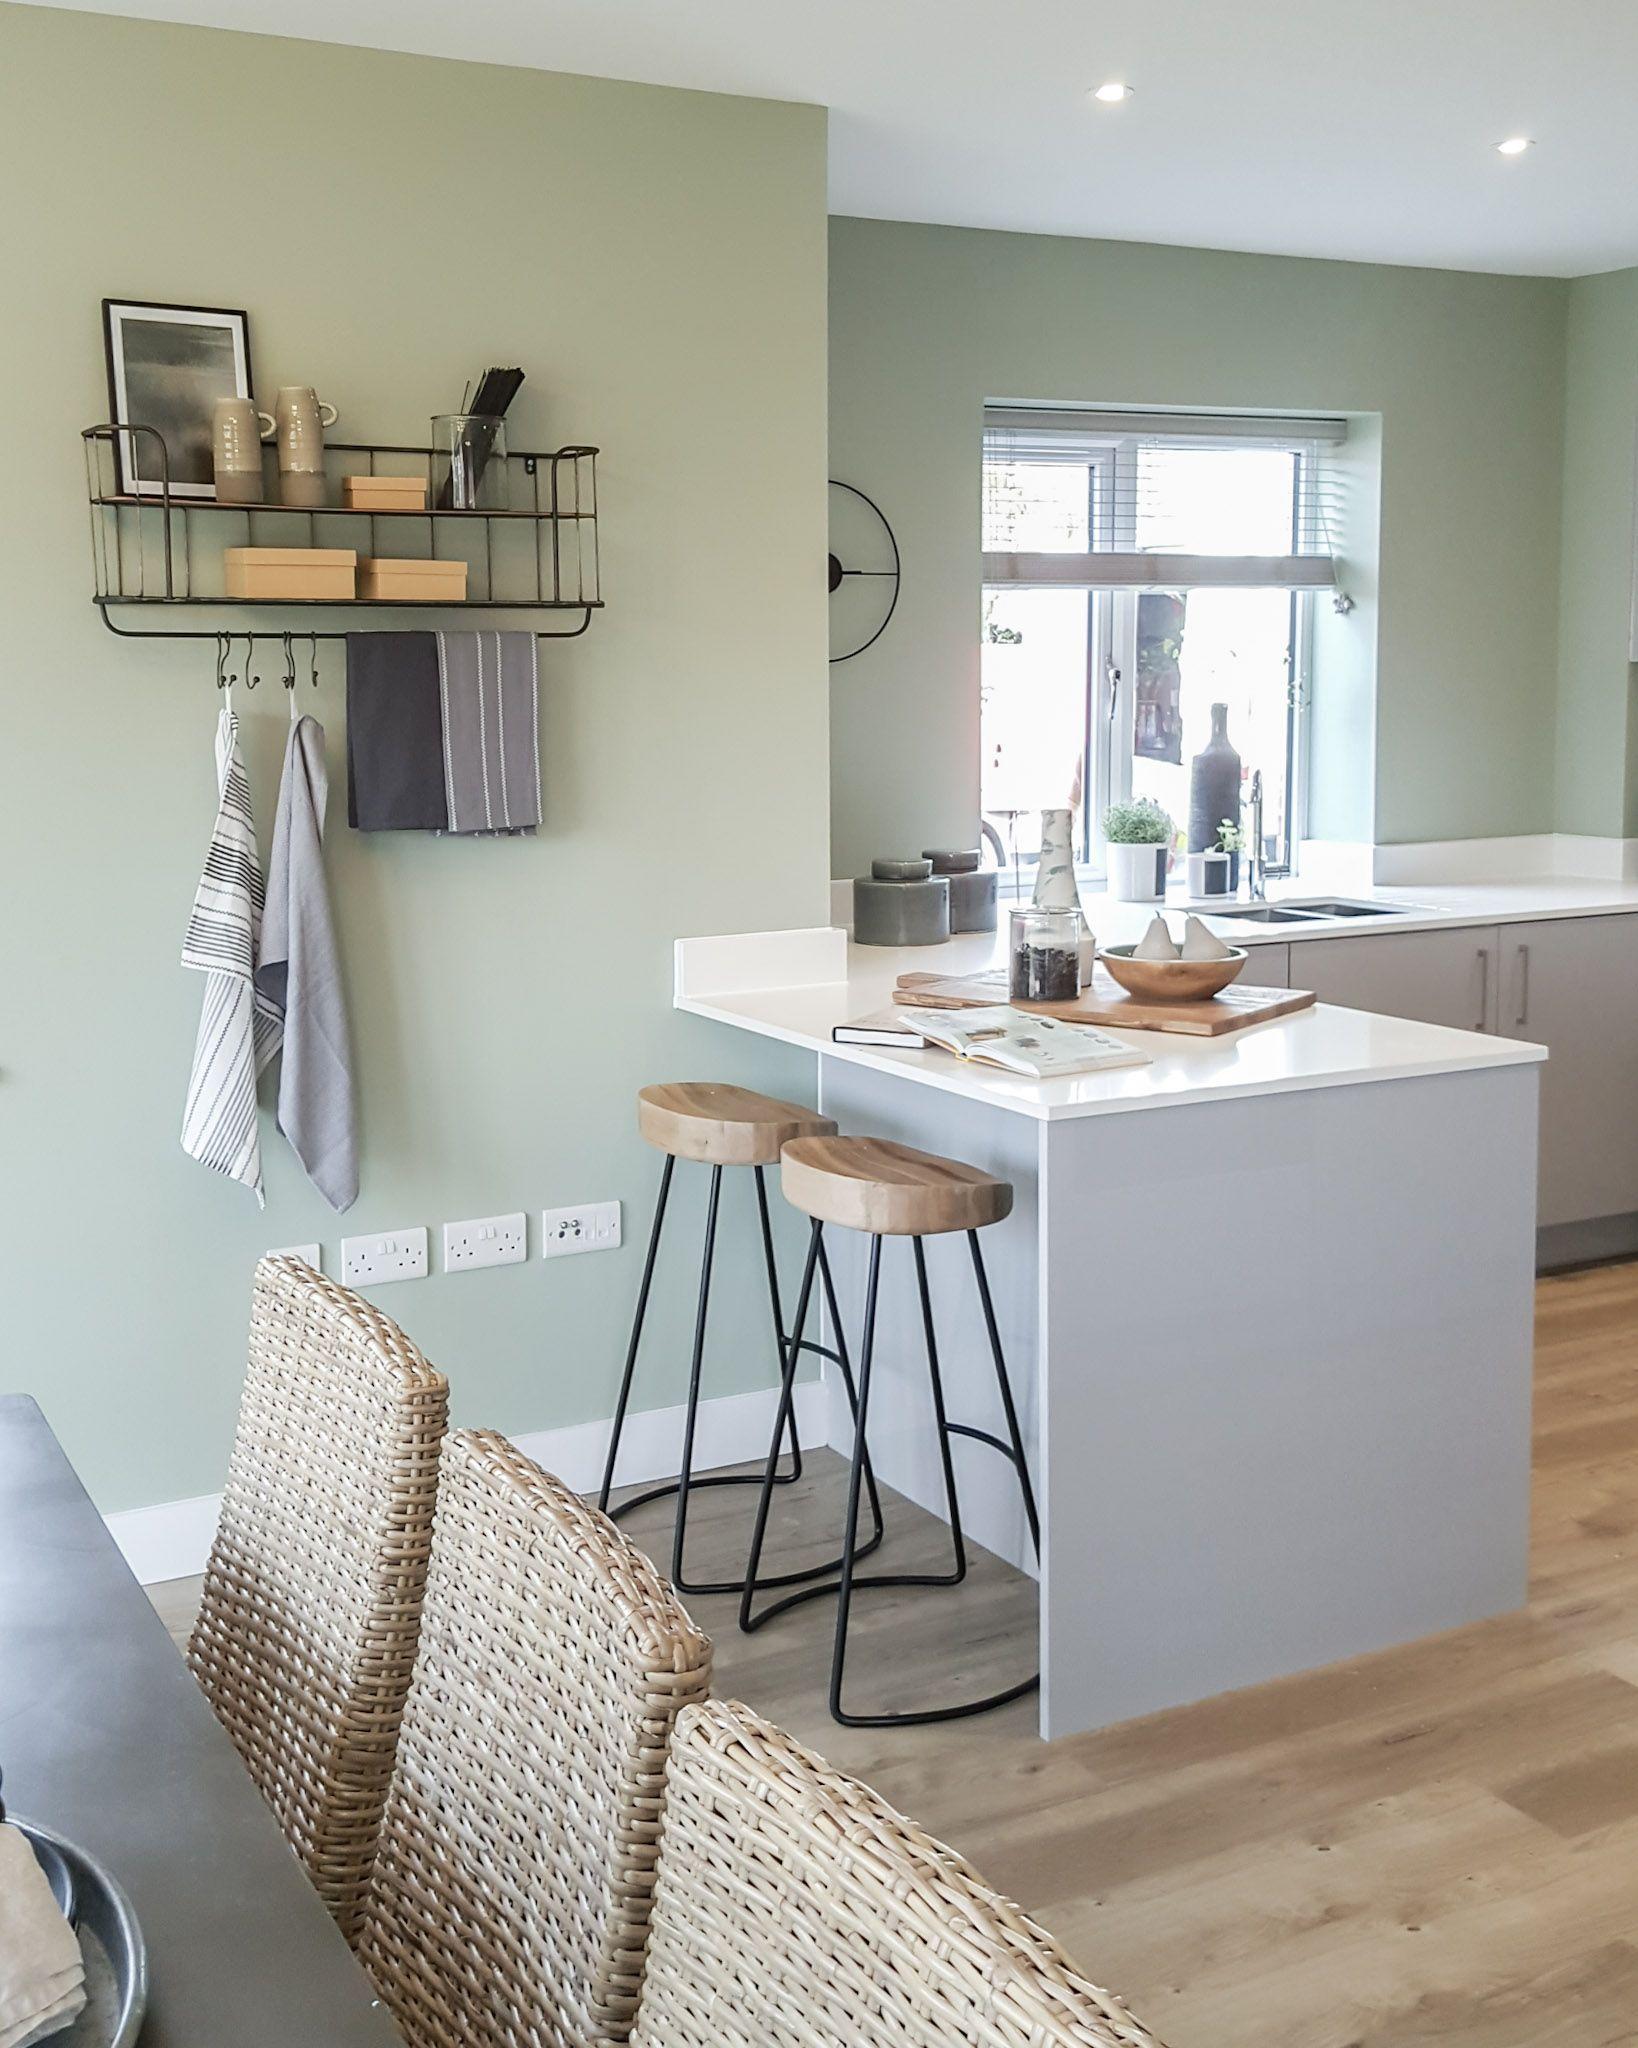 New Build Kitchen Diner With Breakfast Nook Green Dining Room Walls Green Dining Room Sage Living Room